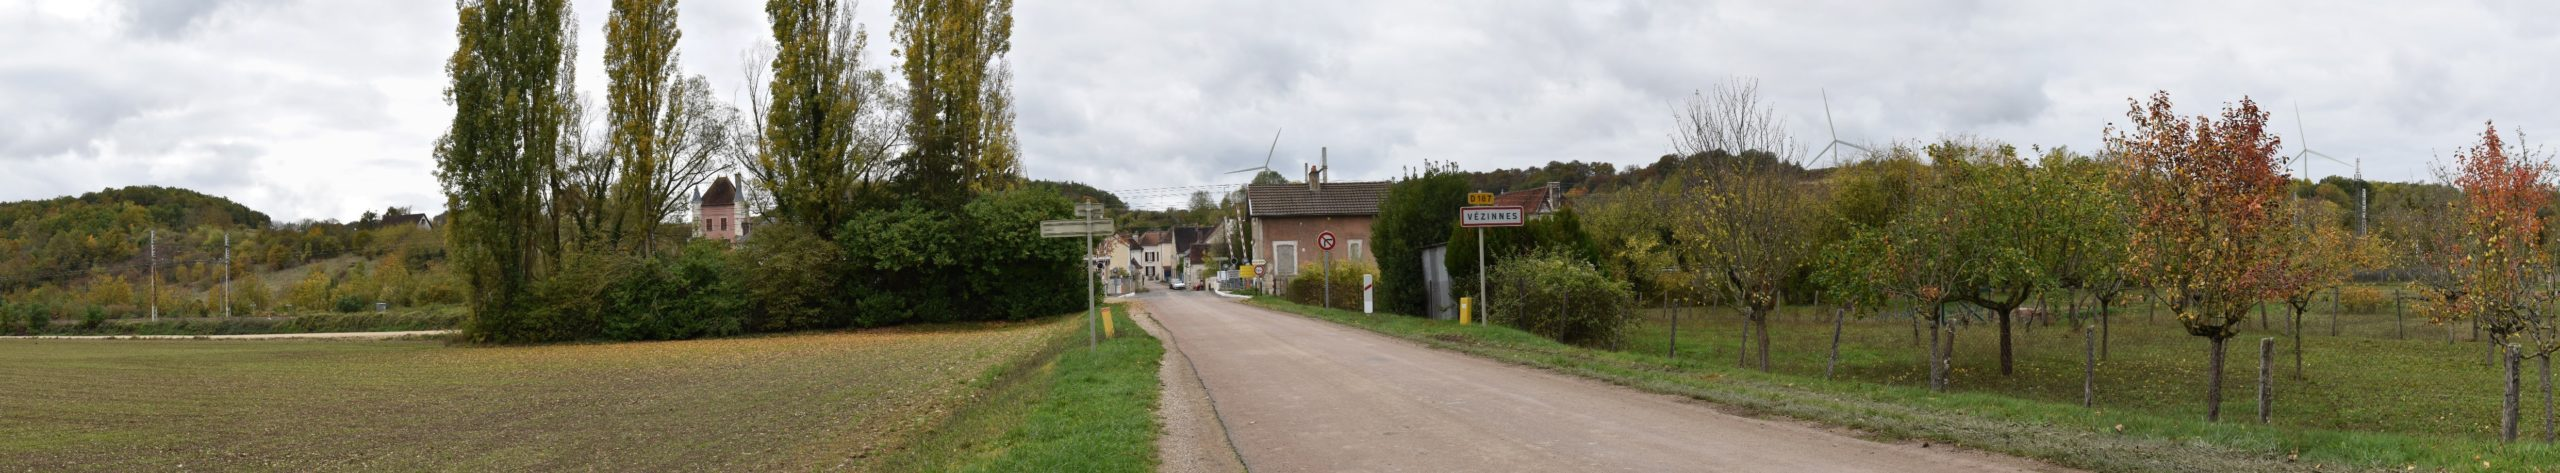 Vézinnes - Entrée du village (photomontage à 1,8 km de l'éolienne la plus proche)